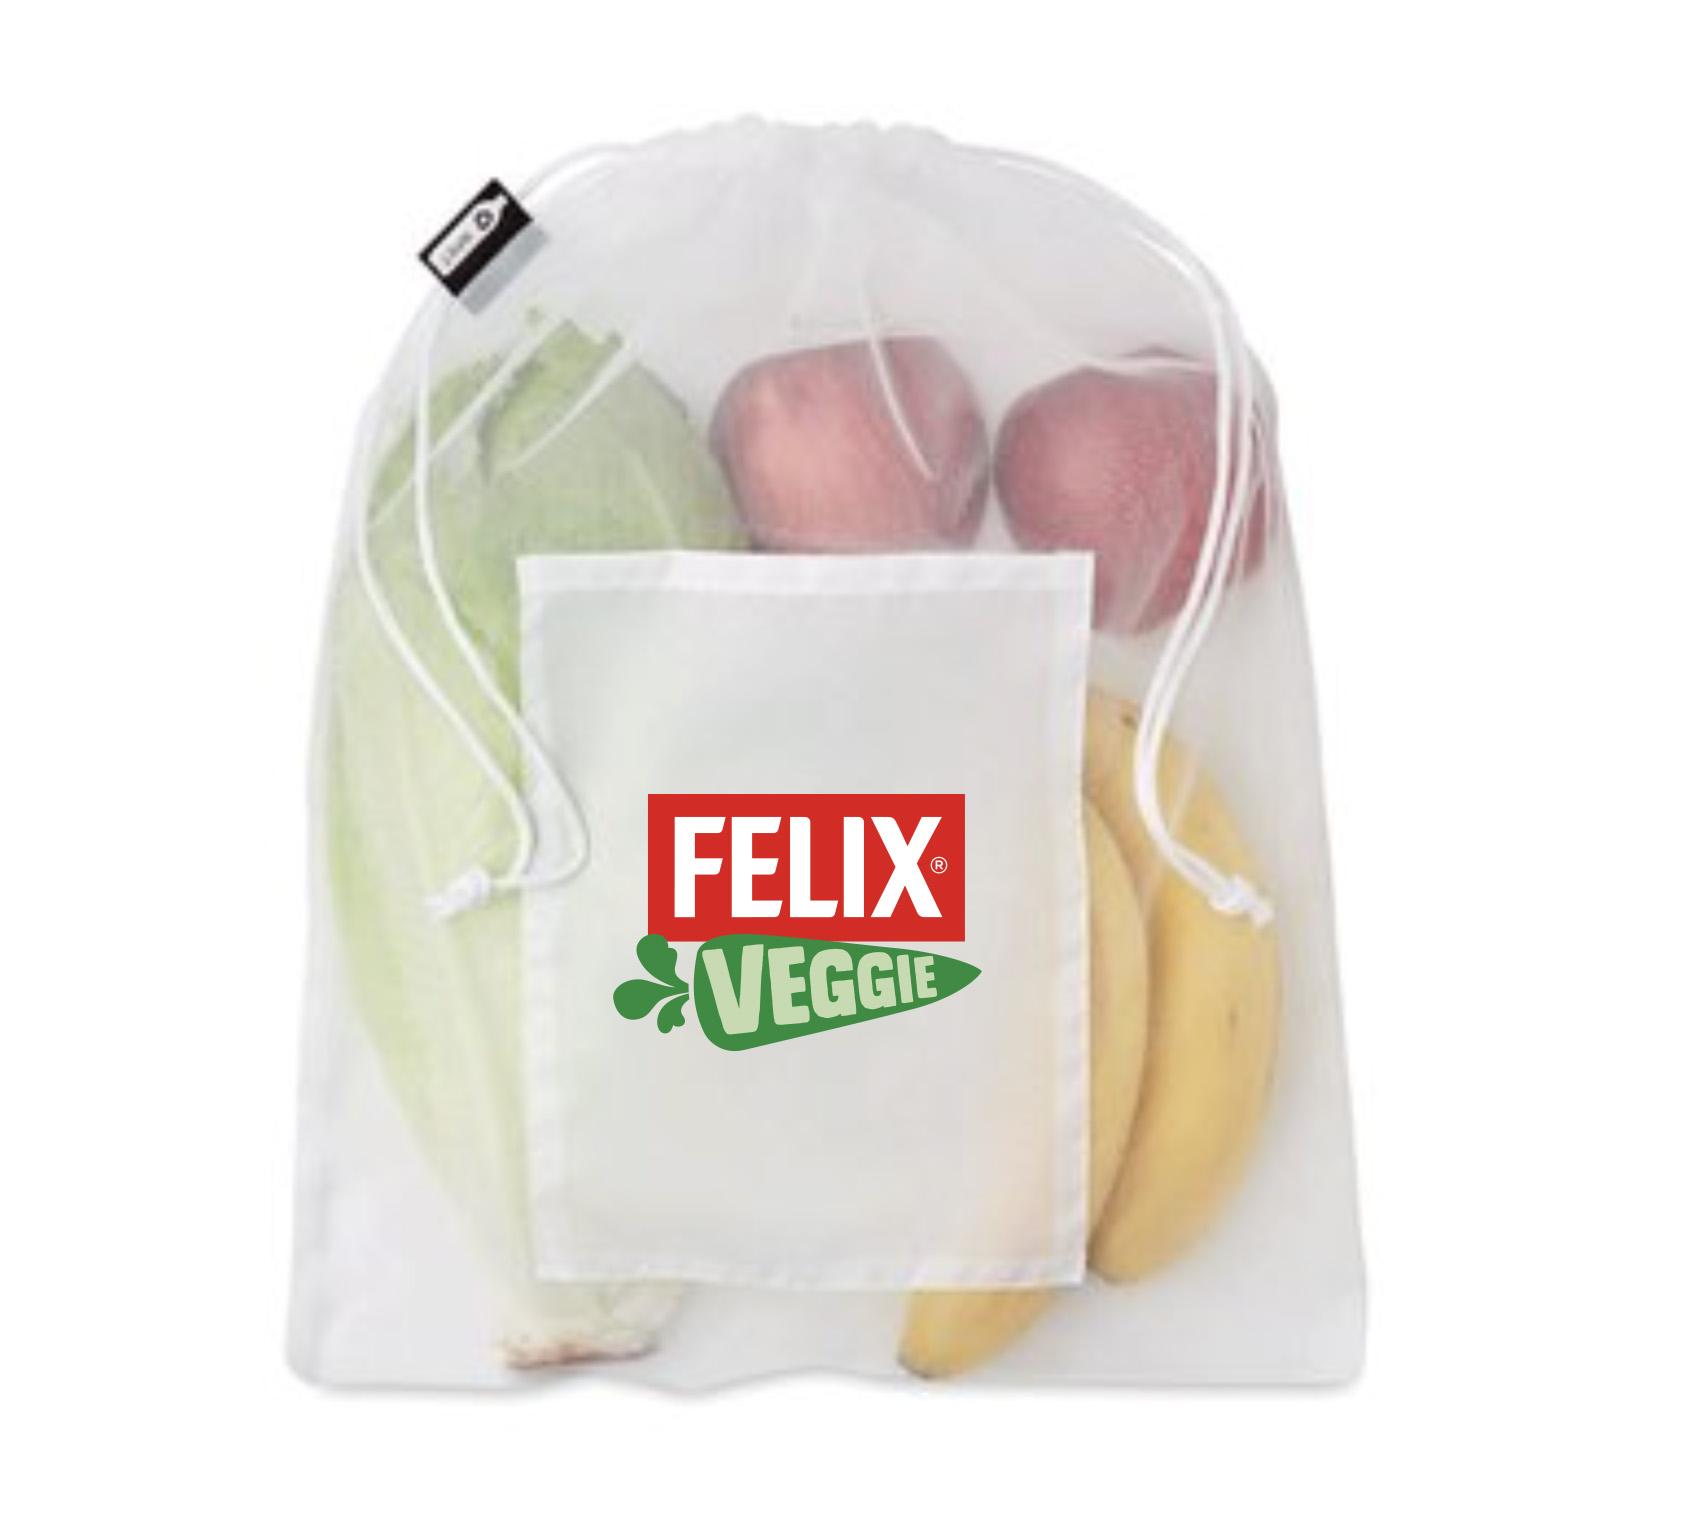 Frukt- och gröntpåsar